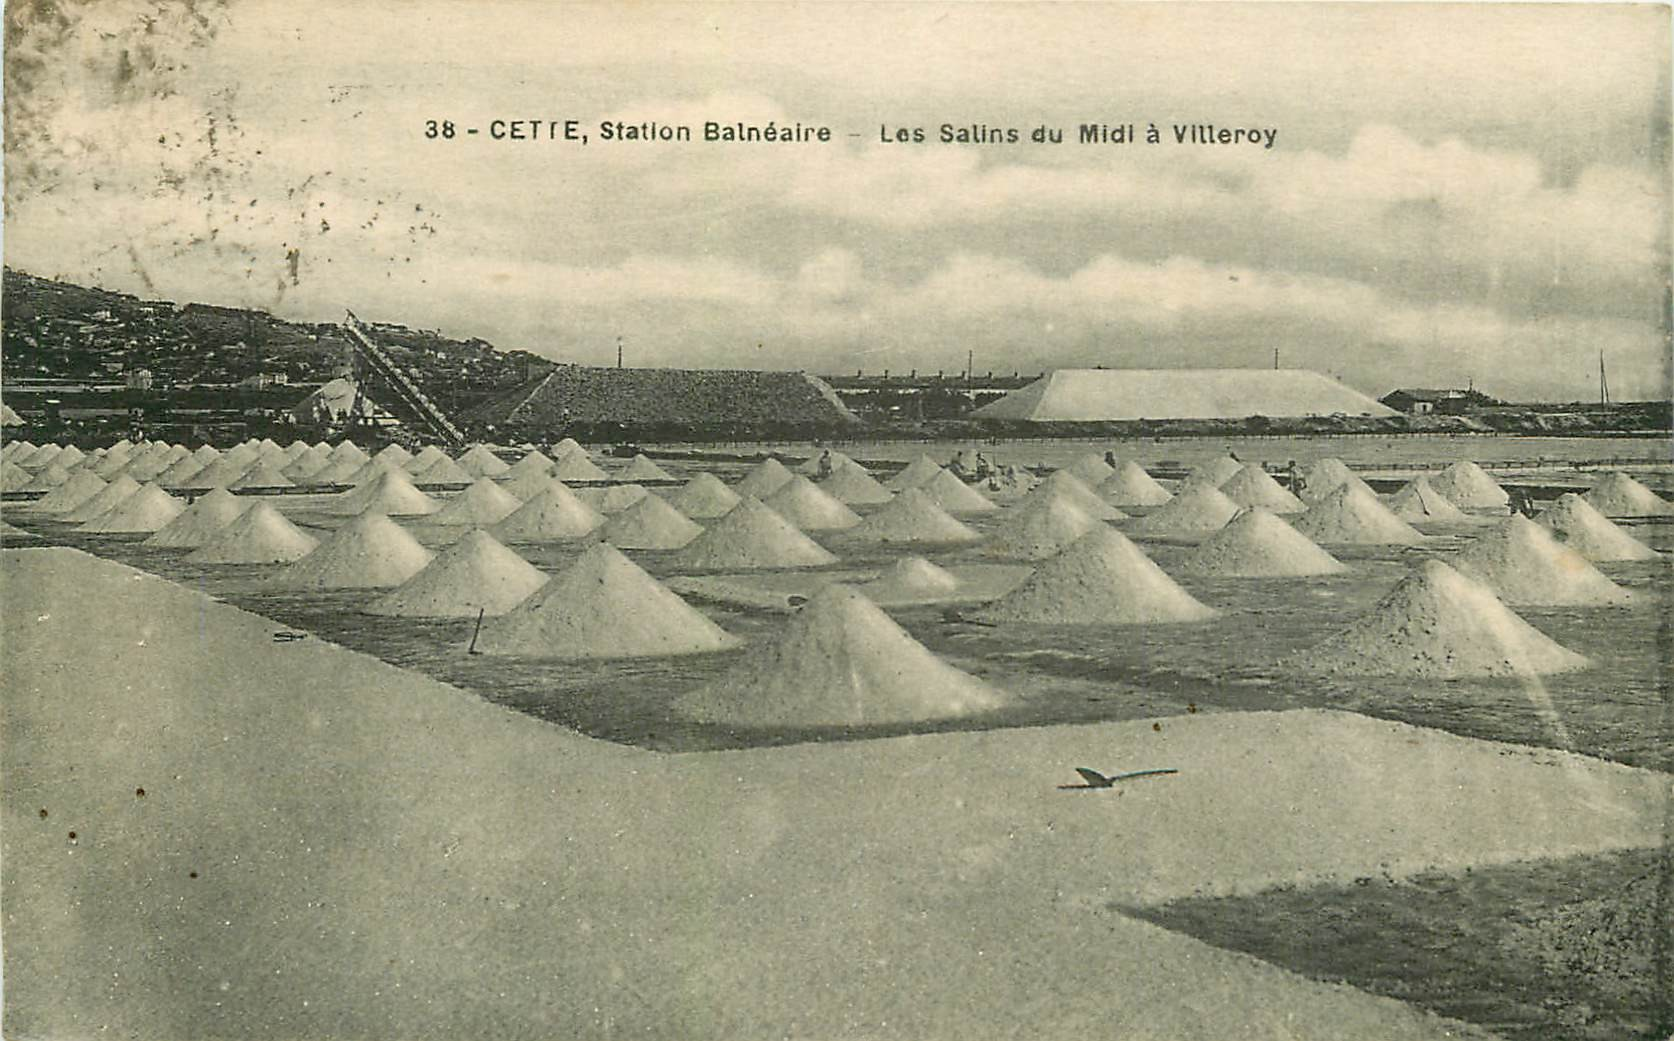 34 CETTE SETE. Les Salins du Midi à Villeroy 1924